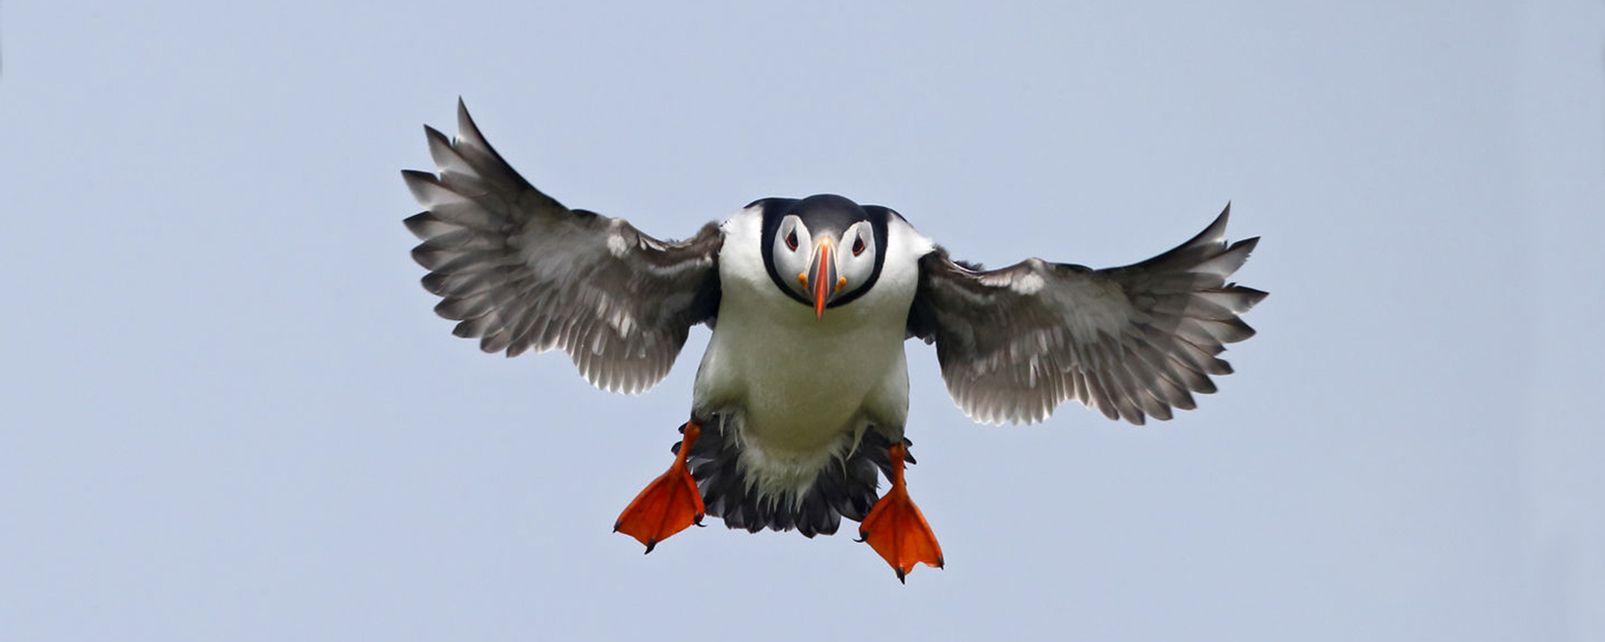 La faune et la flore, Royaume-Uni, Europe, écosse, ecosse, faune, animal, oiseau, macareux